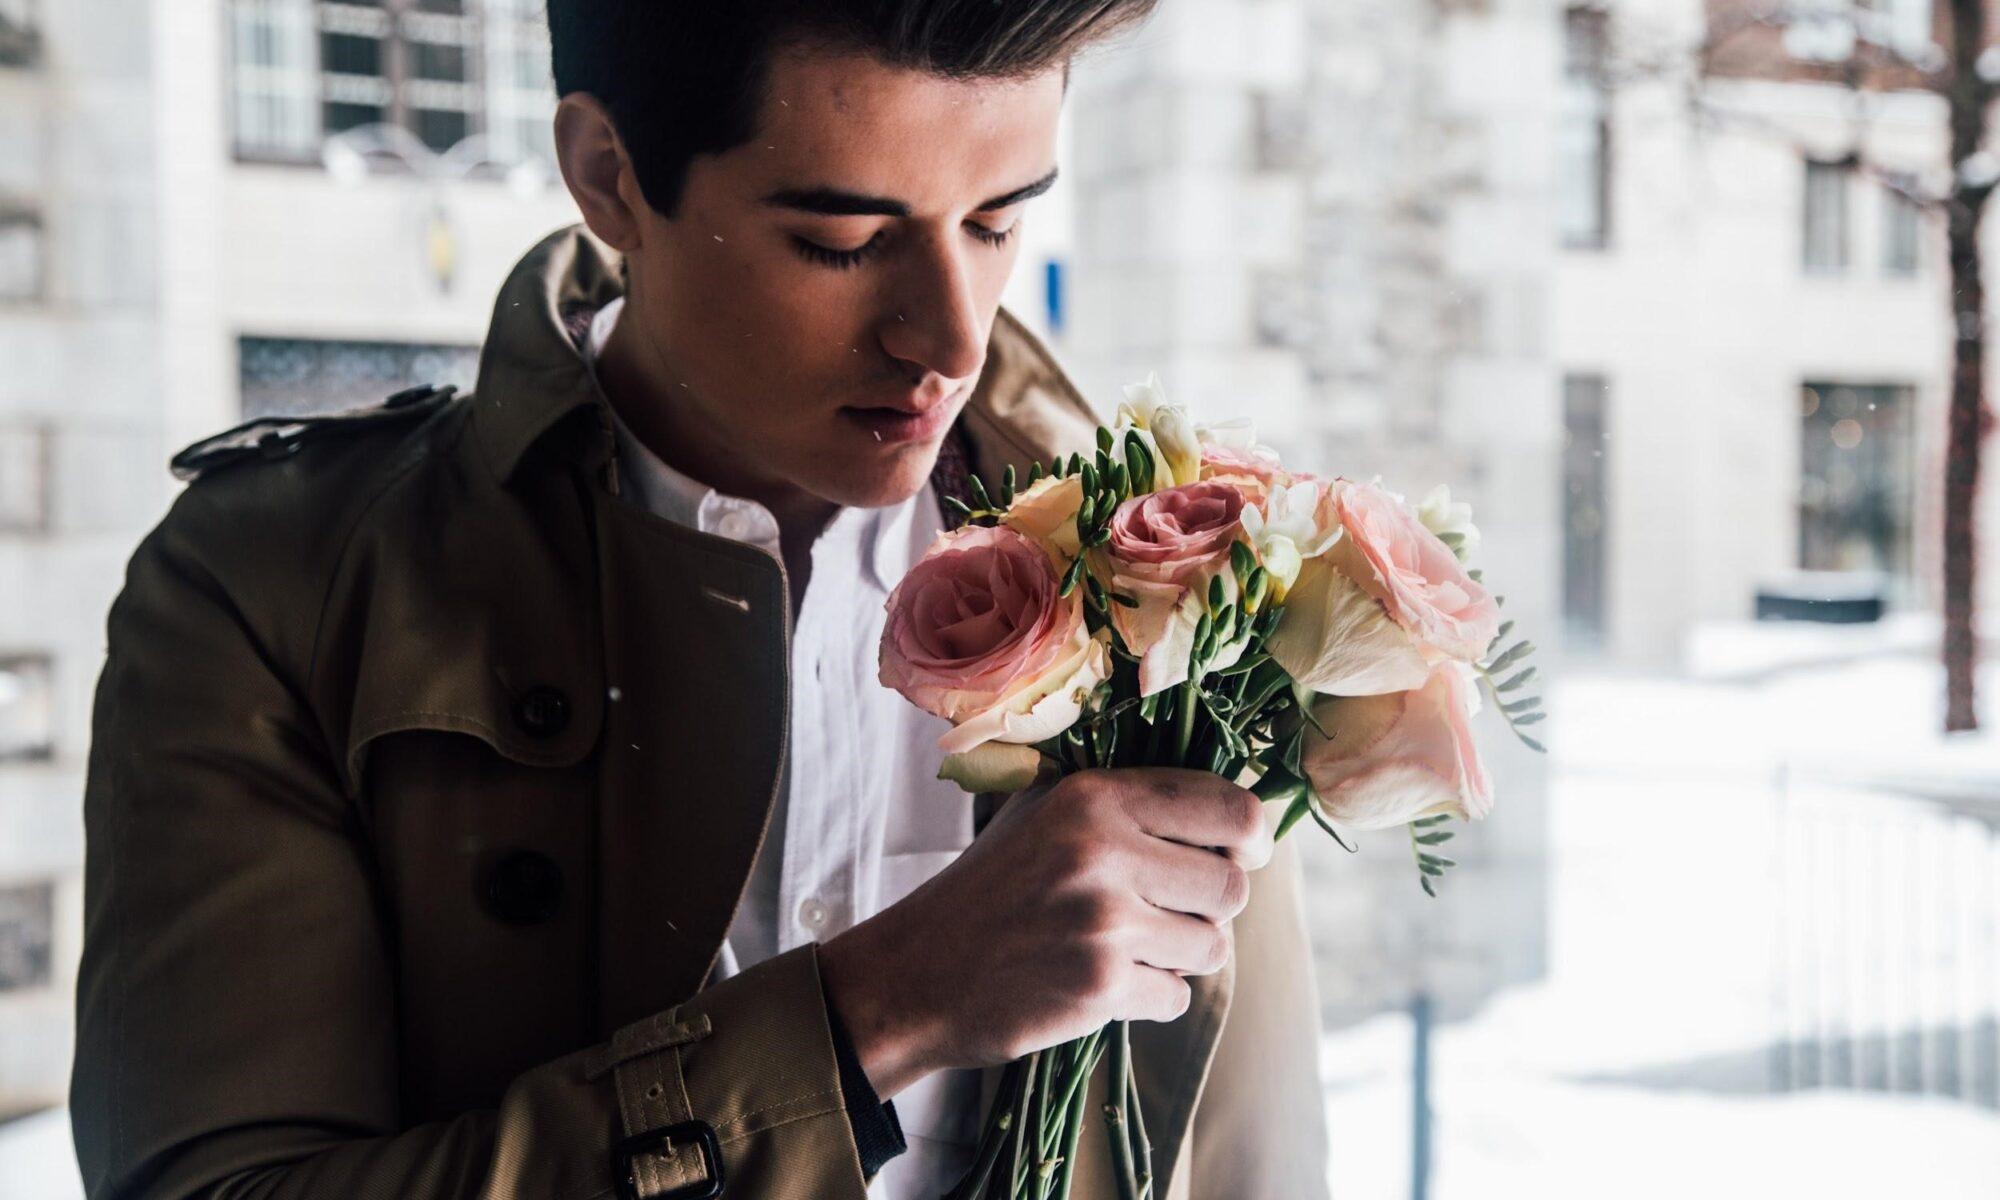 Junger Mann wartet mit Blumen auf sein erstes date